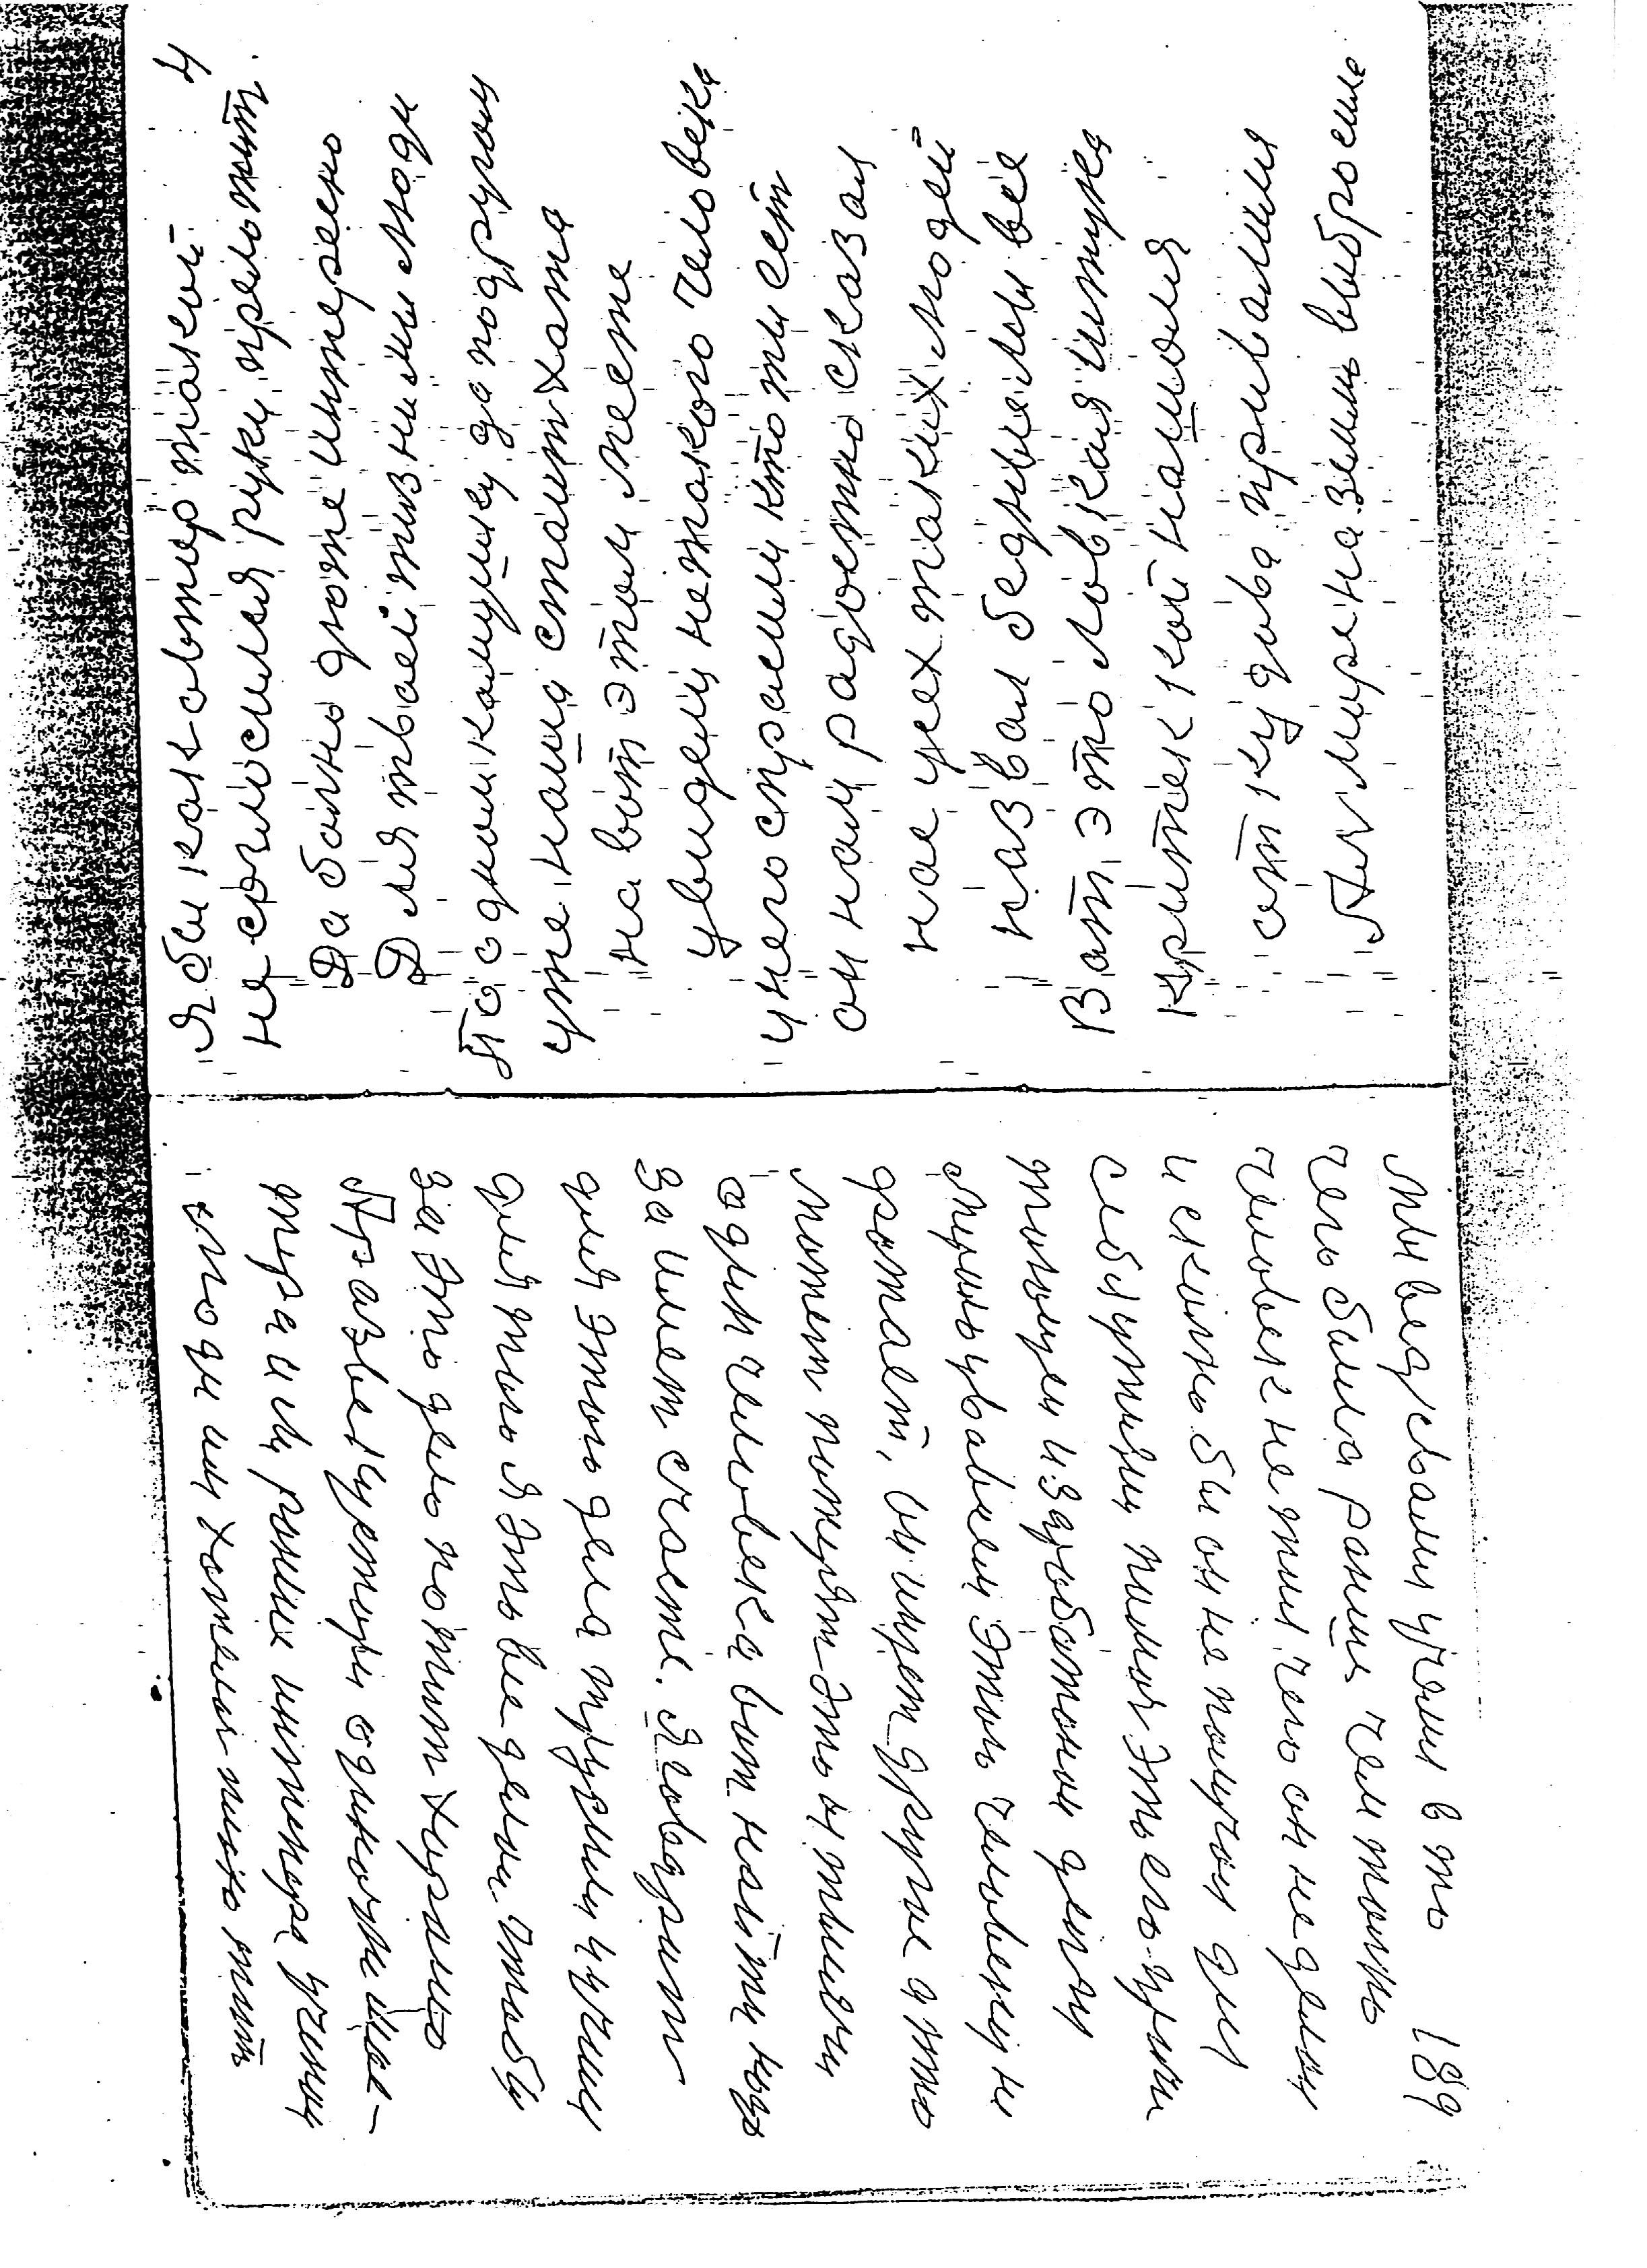 04-189.jpg